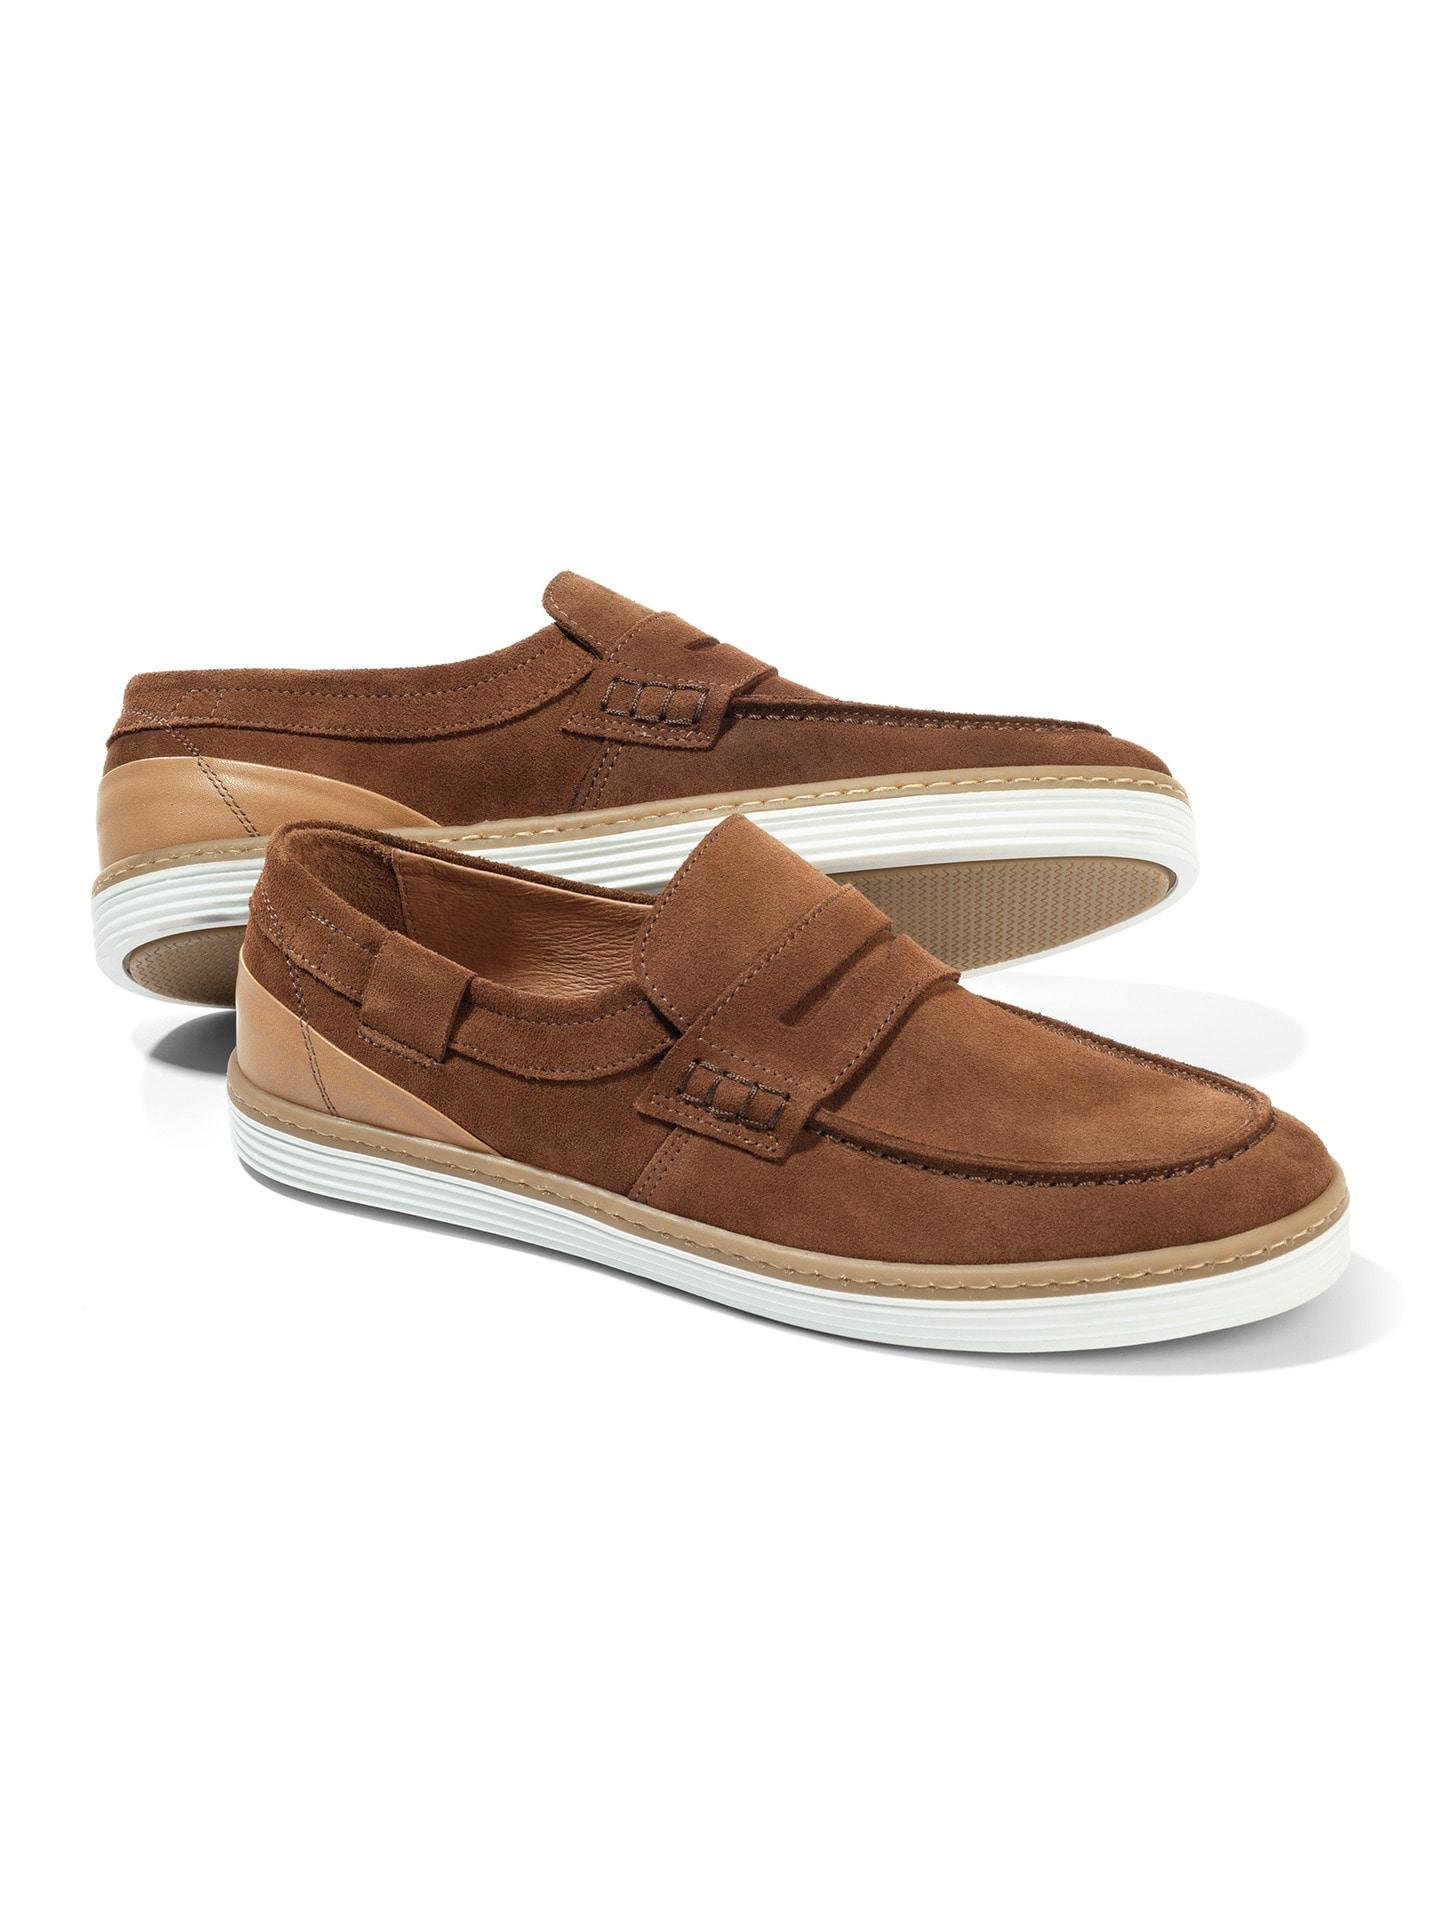 Artikel klicken und genauer betrachten! - Durch und durch sportlich - wie der Name schon sagt.  Der Schuh trägt sich herrlich leicht. Seine TR-Laufsohle verleiht Ihnen sicheren Halt, selbst auf feuchtem Untergrund. Und das superweiche Lederfutter verschafft Ihnen ein bequemes und angenehmes Tragegefühl - auch wenn Sie den Schuh ohne Socken anziehen. Außen überzeugt der Loafer durch robustes Rindleder. Die weiße Sohle unterstreicht den modischen Touch des Loafers. | im Online Shop kaufen